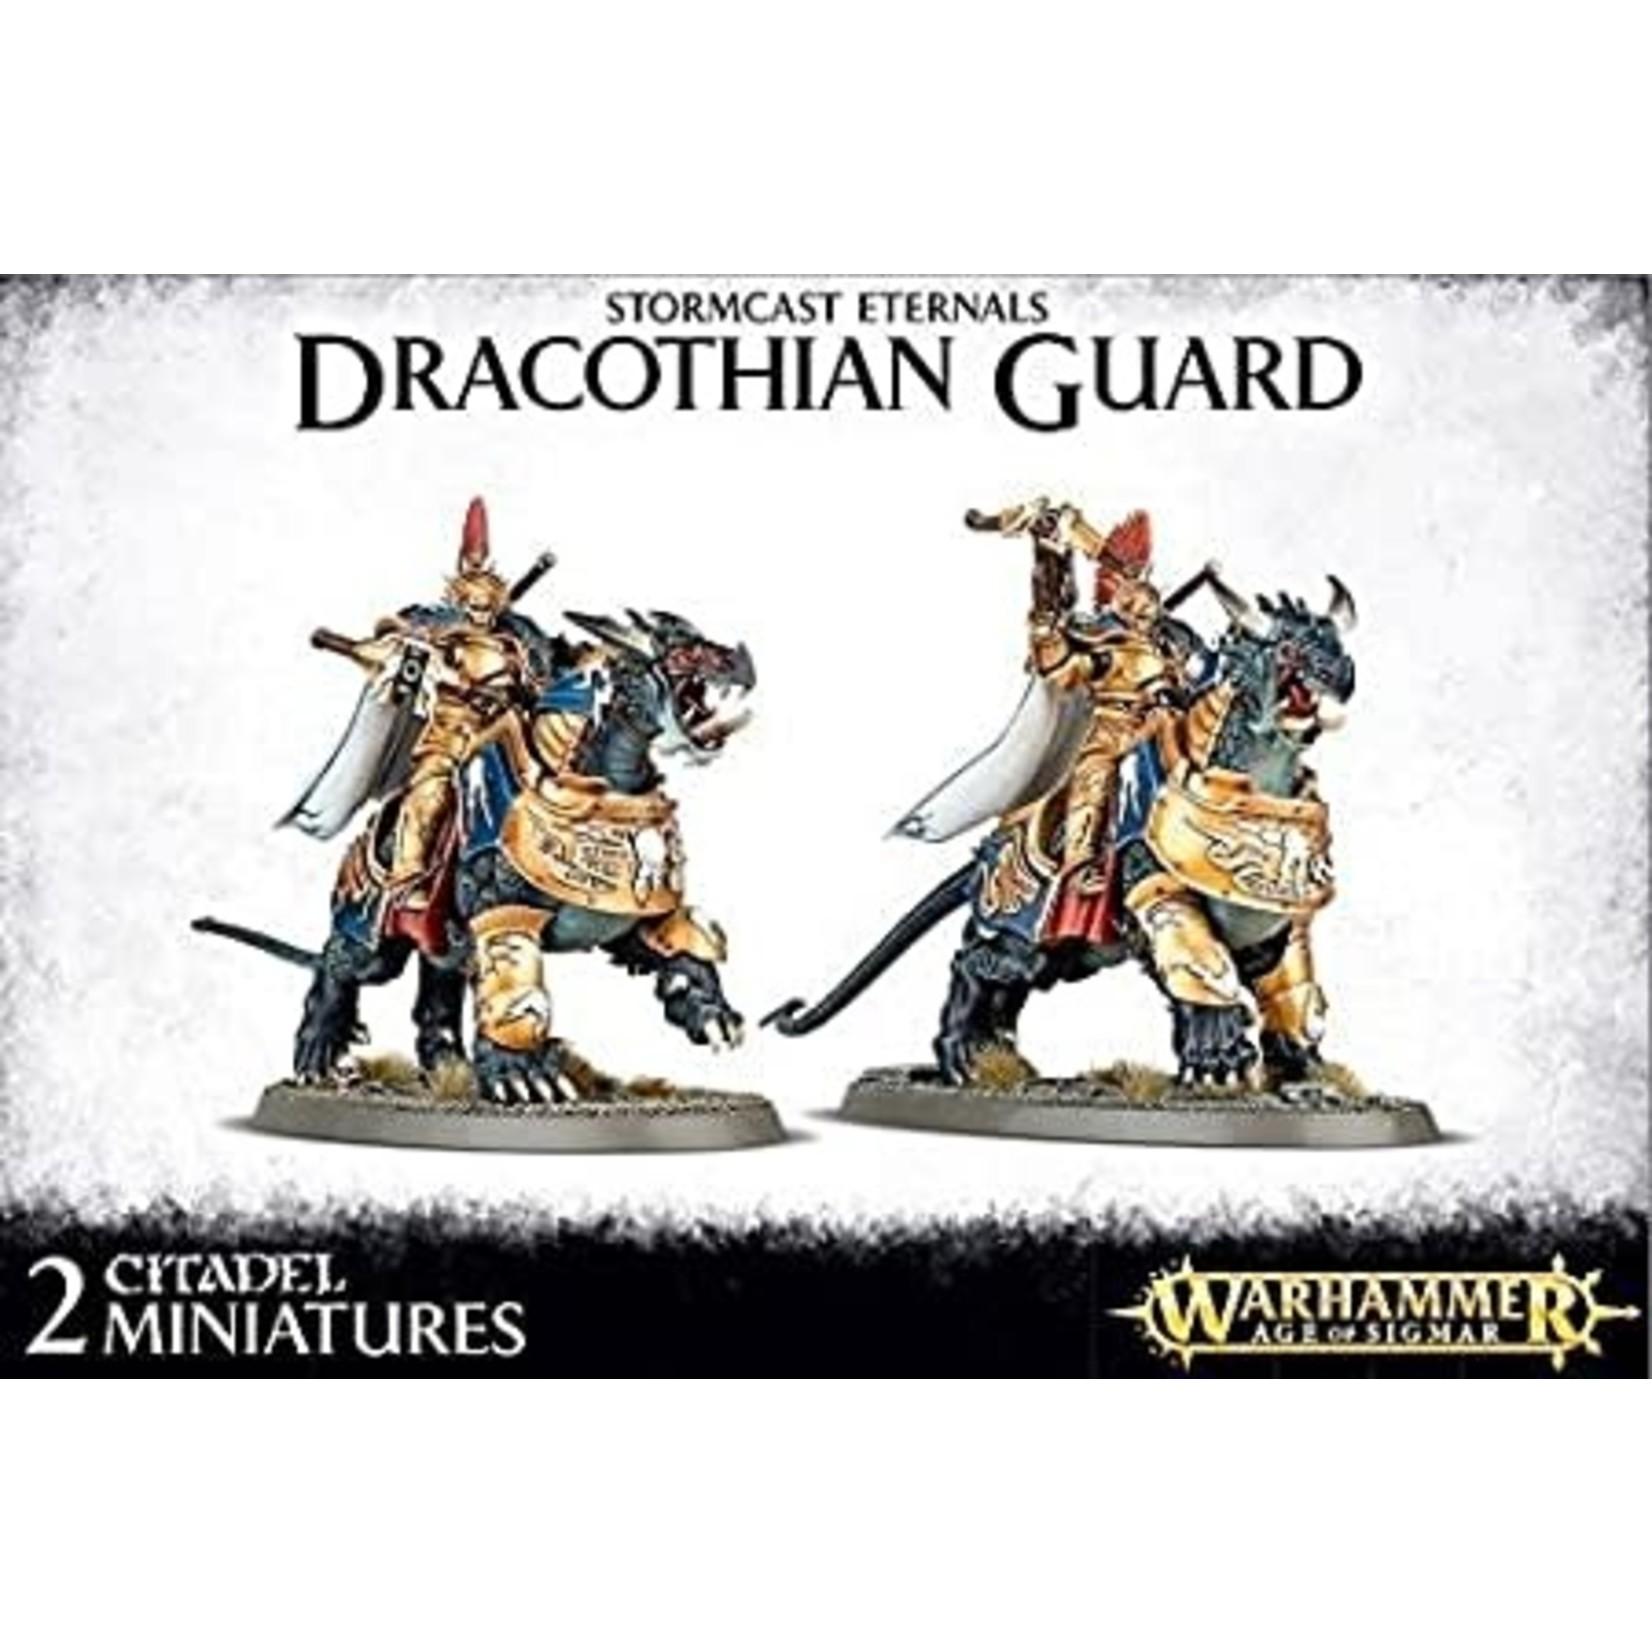 Games Workshop Stormcast Eternals Dracothian Guard